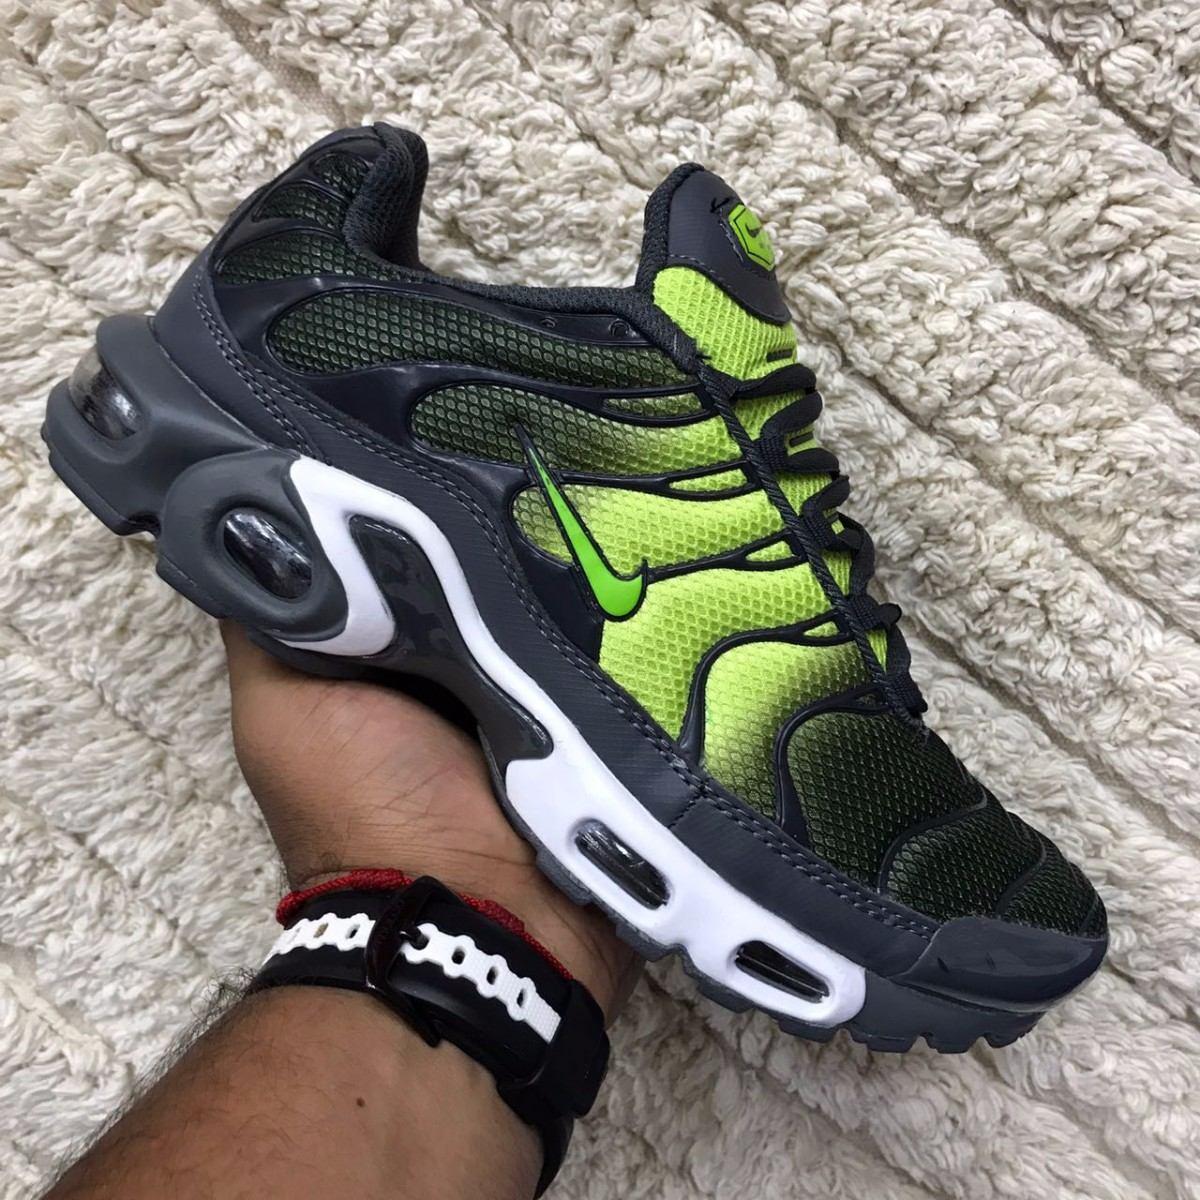 b0be14931c2cf Tenis Zapatillas Nike Tn Air Max Clasicos Ii Hombre -   179.600 en ...